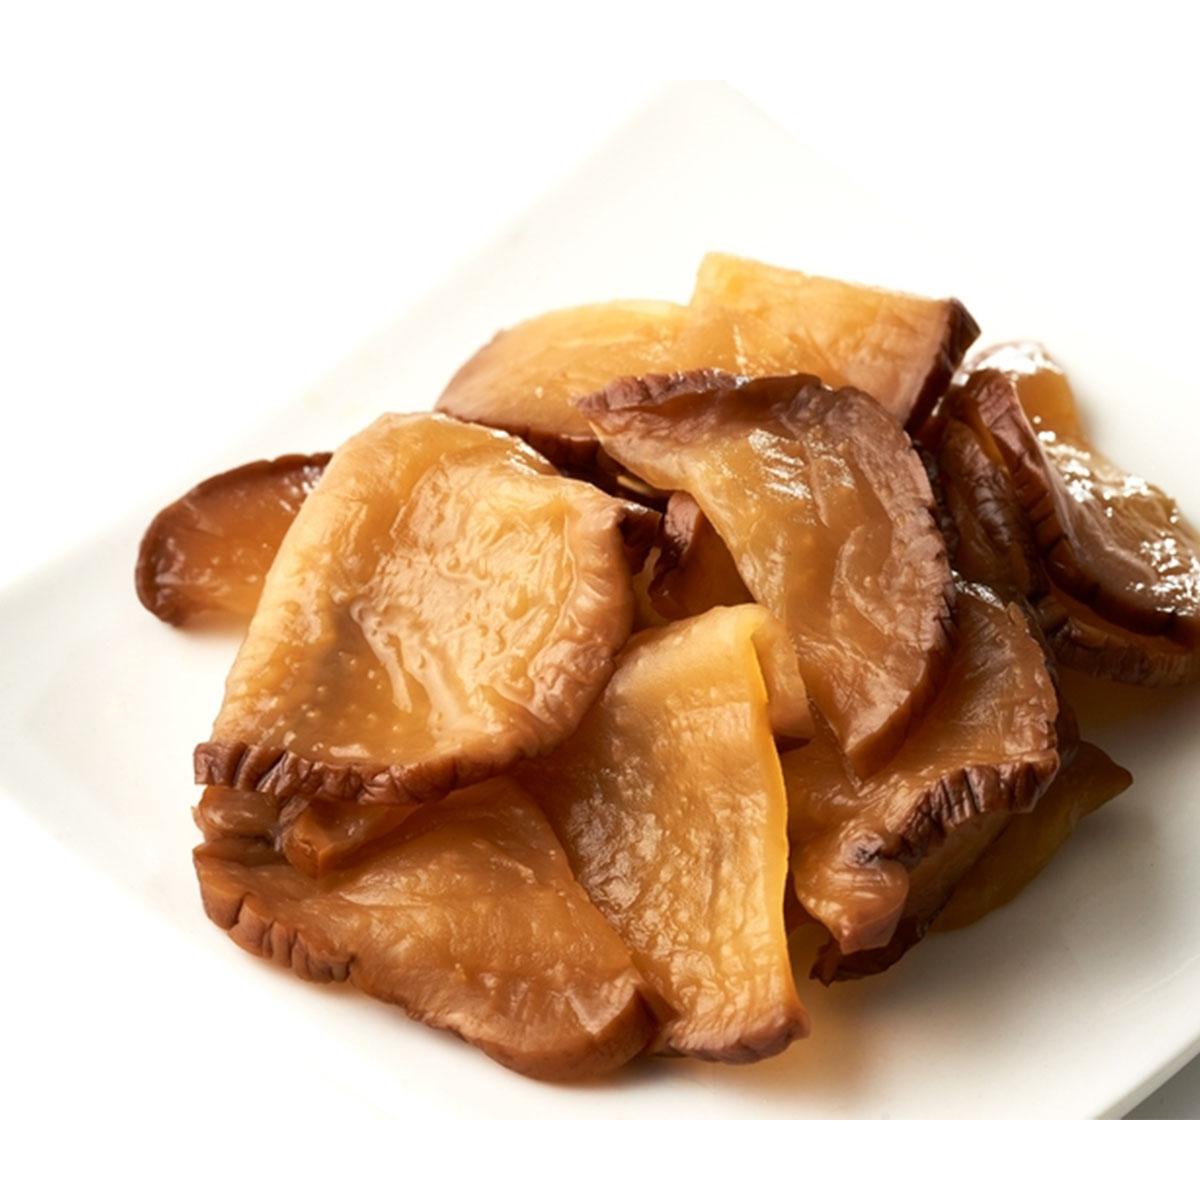 こまち食品工業 長期保存できる秋田名物いぶりがっこ たくあん漬け 缶詰タイプ〔75g×4〕